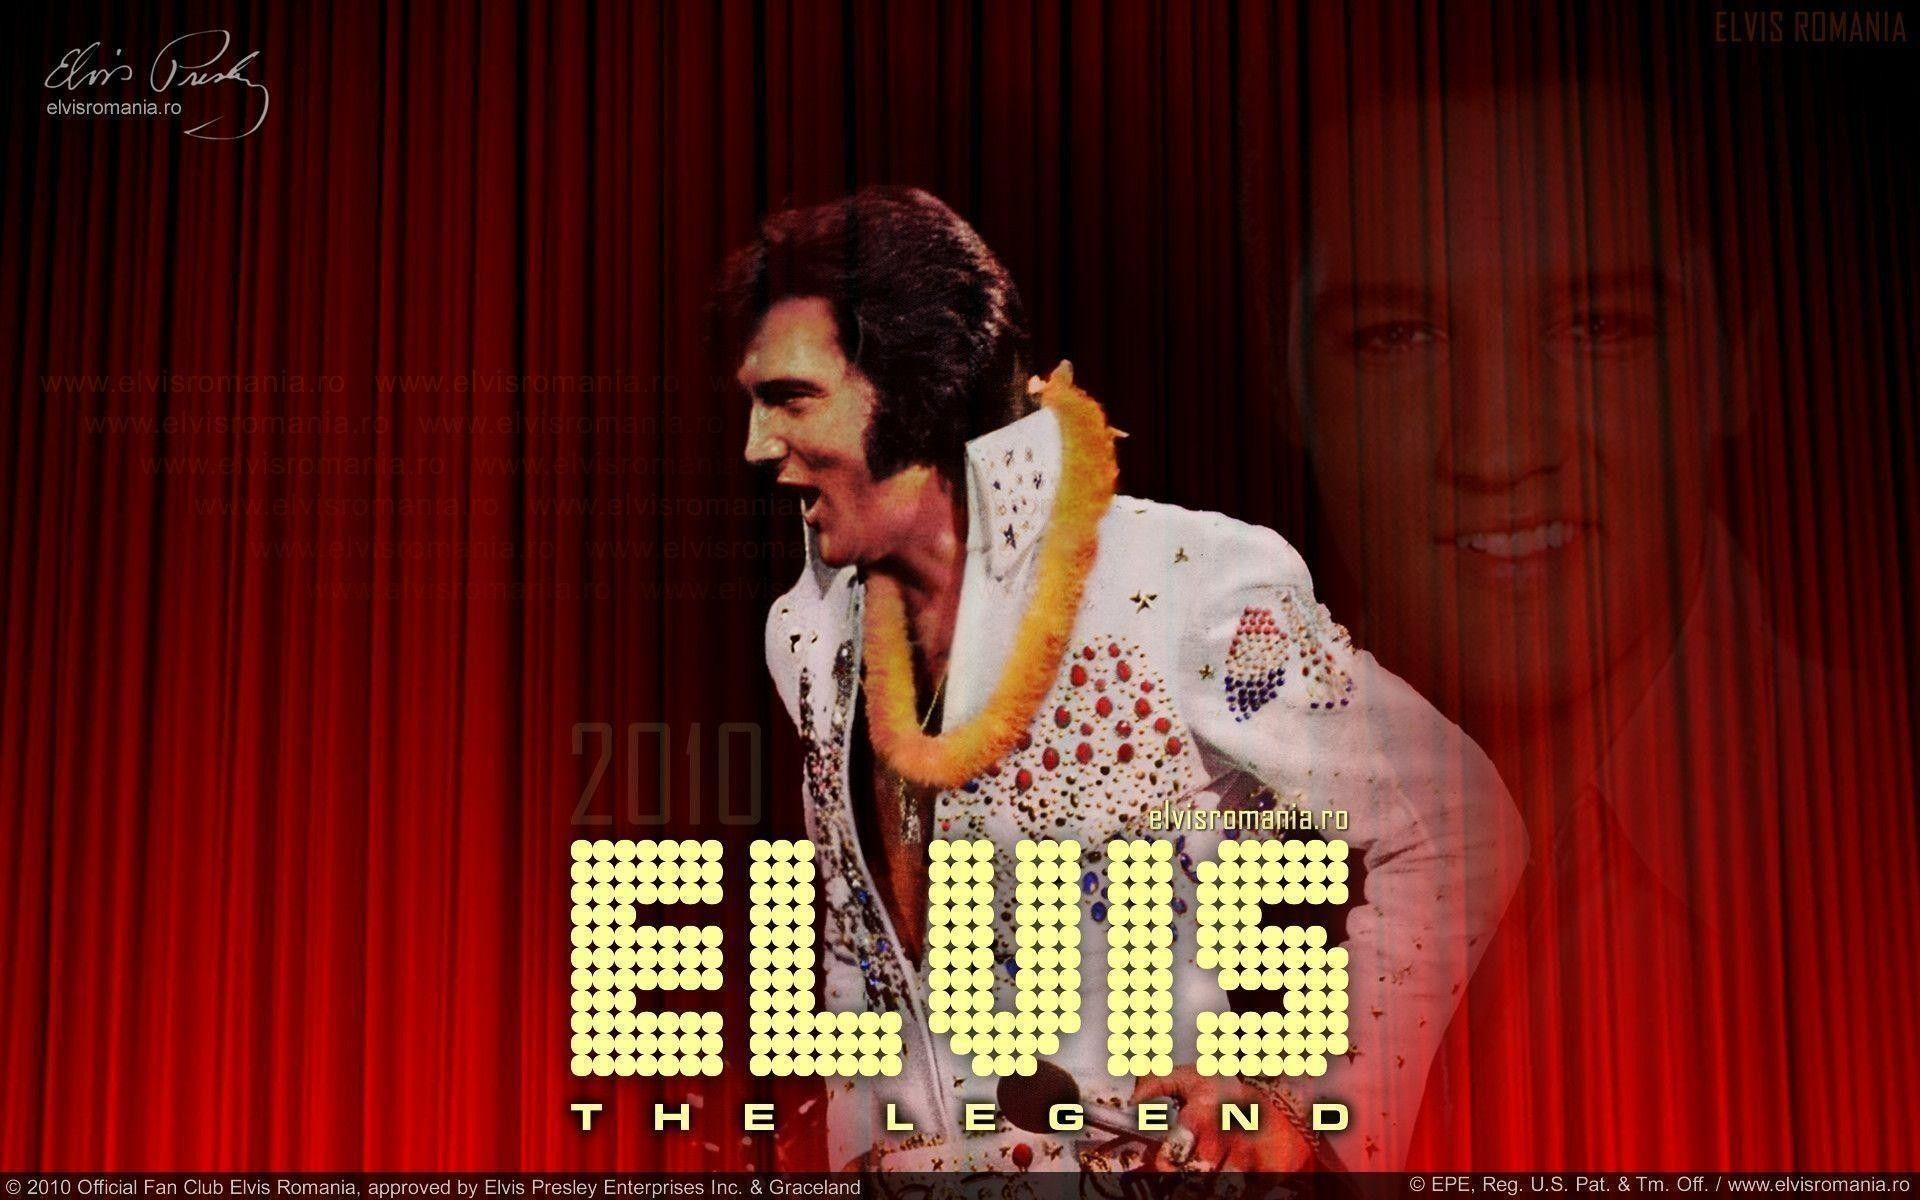 60 Elvis Presley Wallpapers On Wallpaperplay Elvis Presley Wallpaper Elvis Presley Elvis